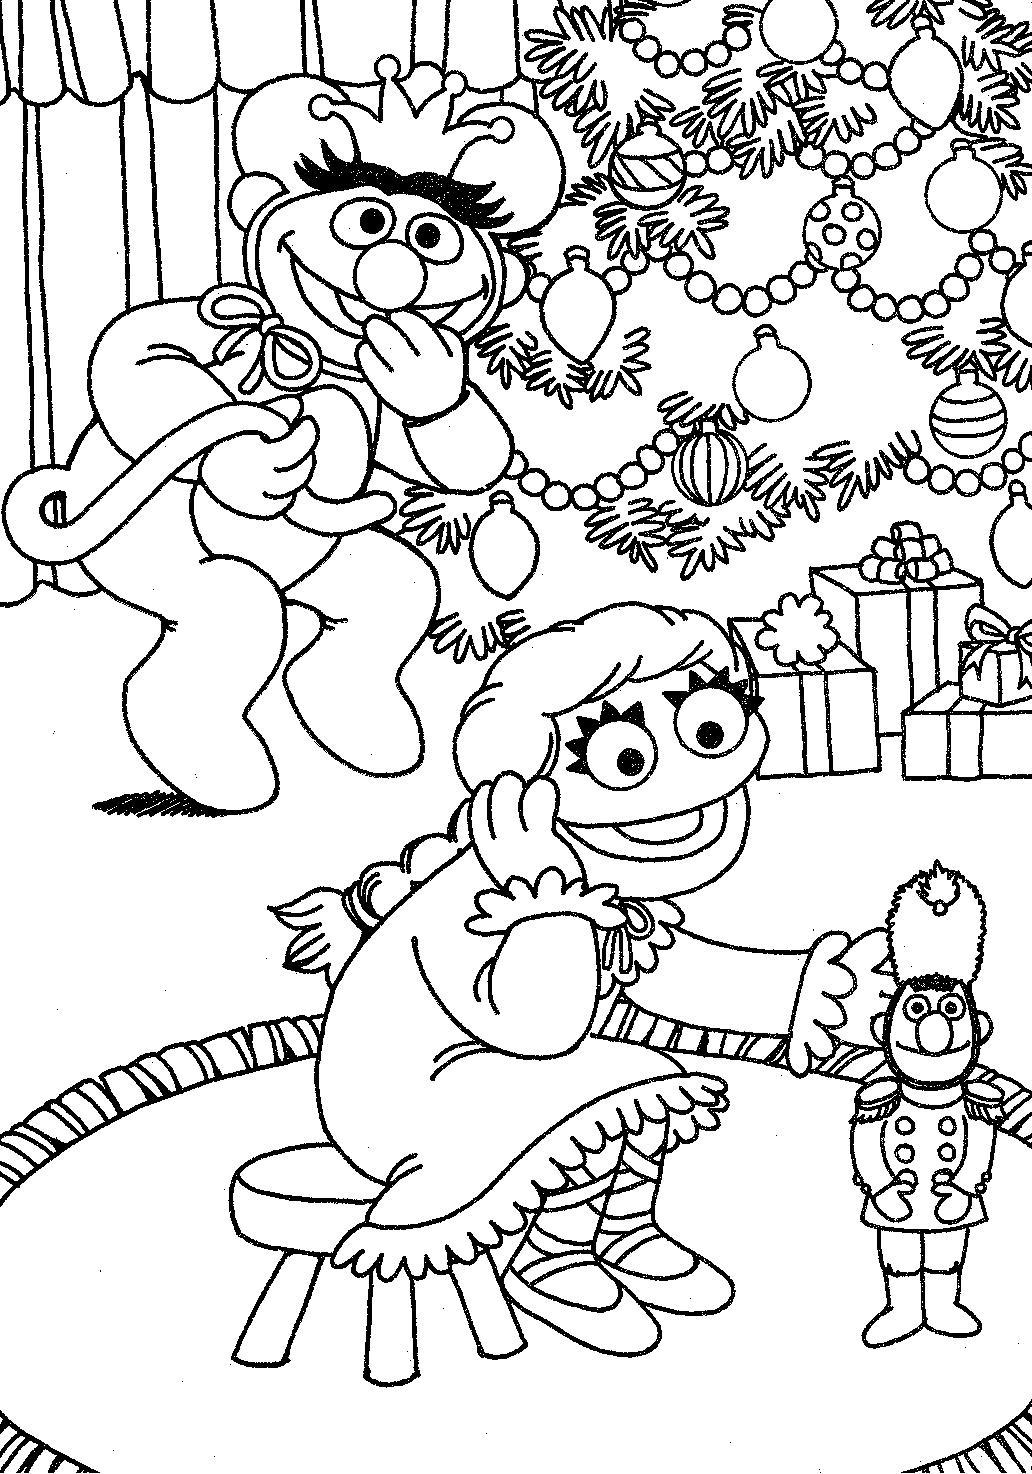 The Nutcracker Muppet Wiki Fandom Powered By Wikia